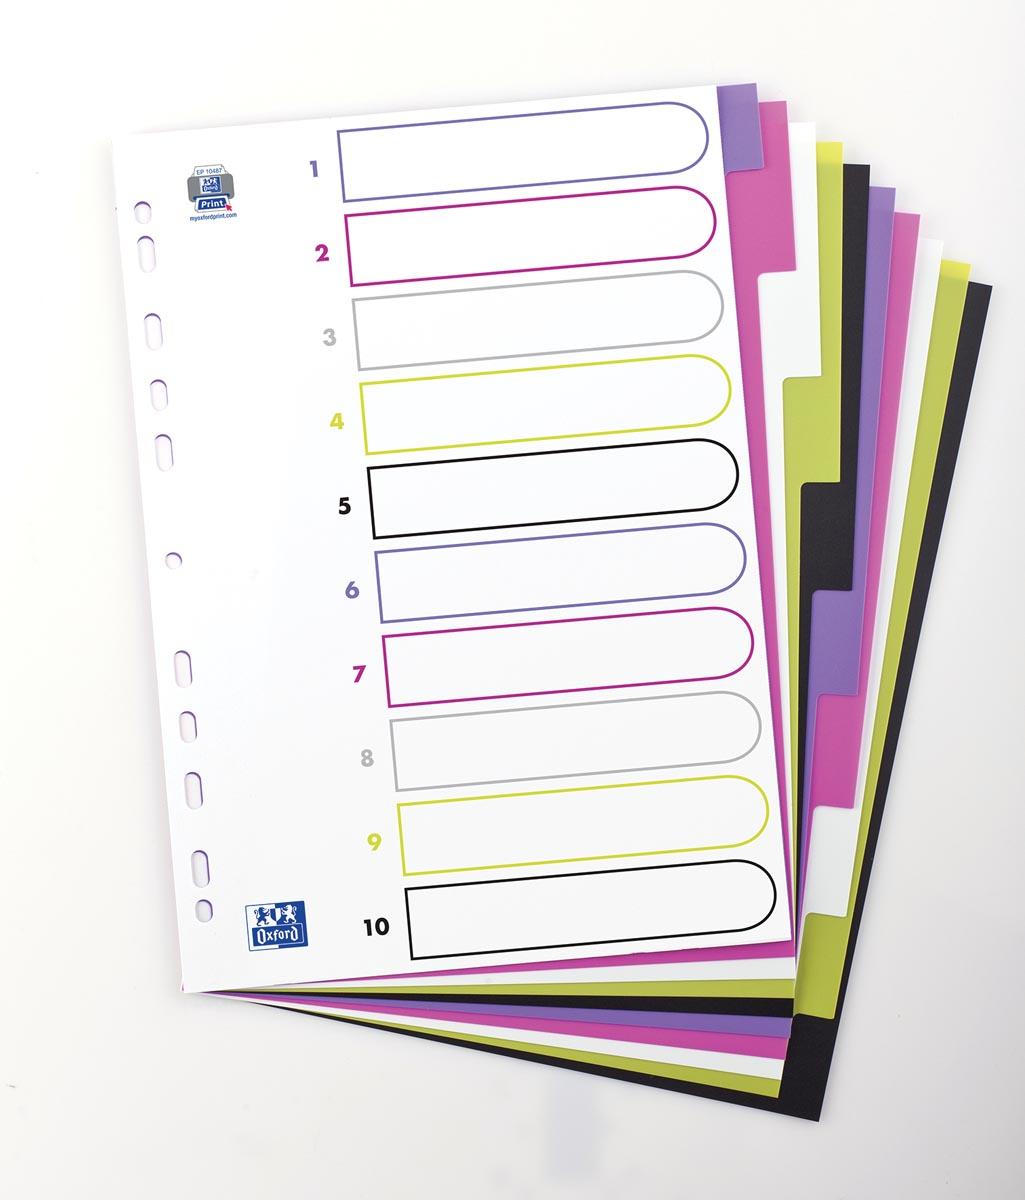 OXFORD MyColour tabbladen, formaat A4, uit gekleurde PP, 11-gaatsperforatie, 10 tabs